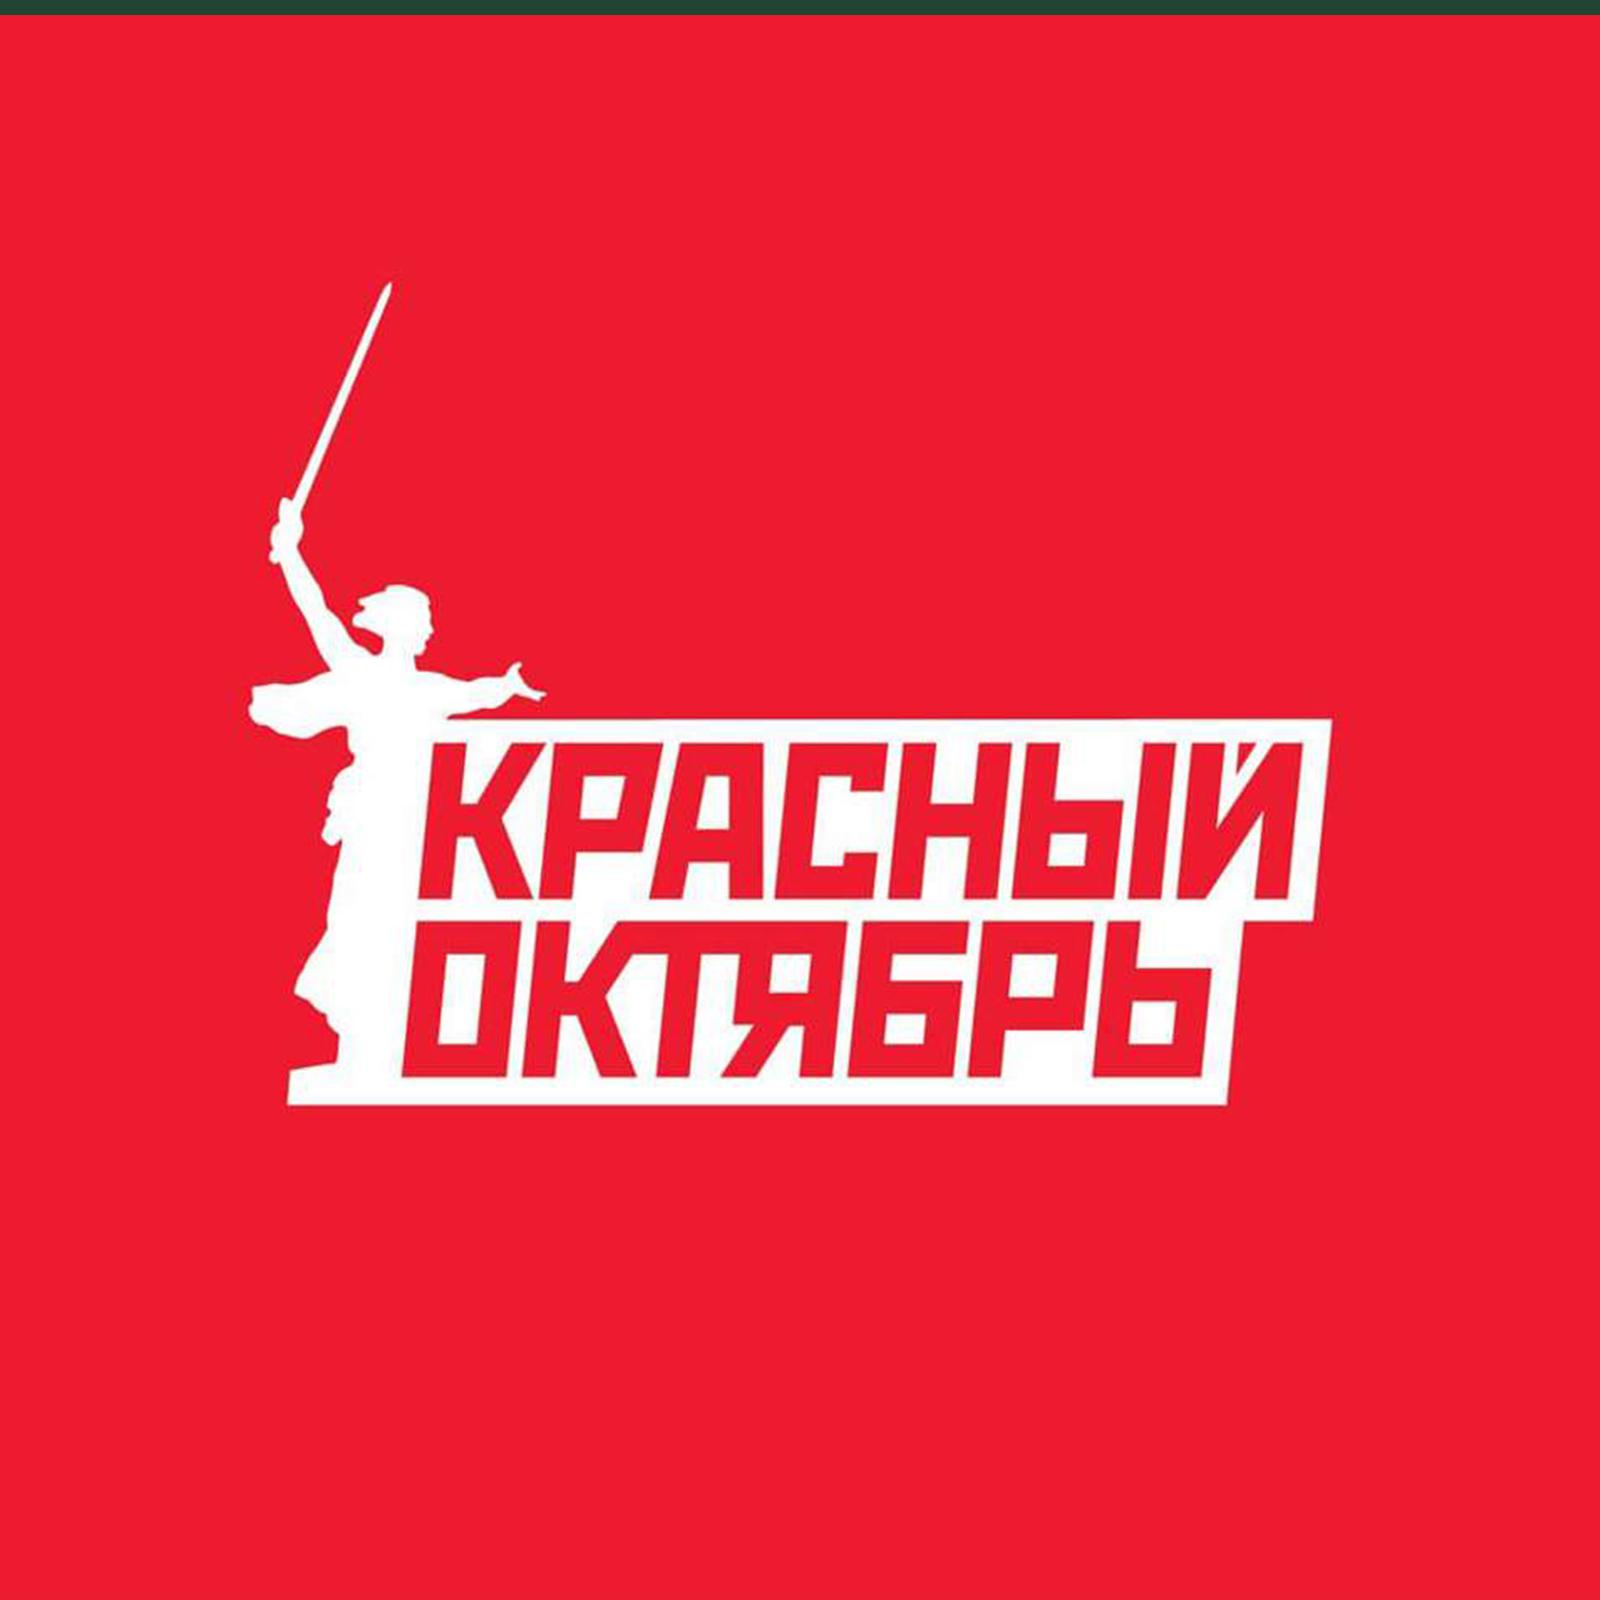 Пономарев Юрий Геннадьевич